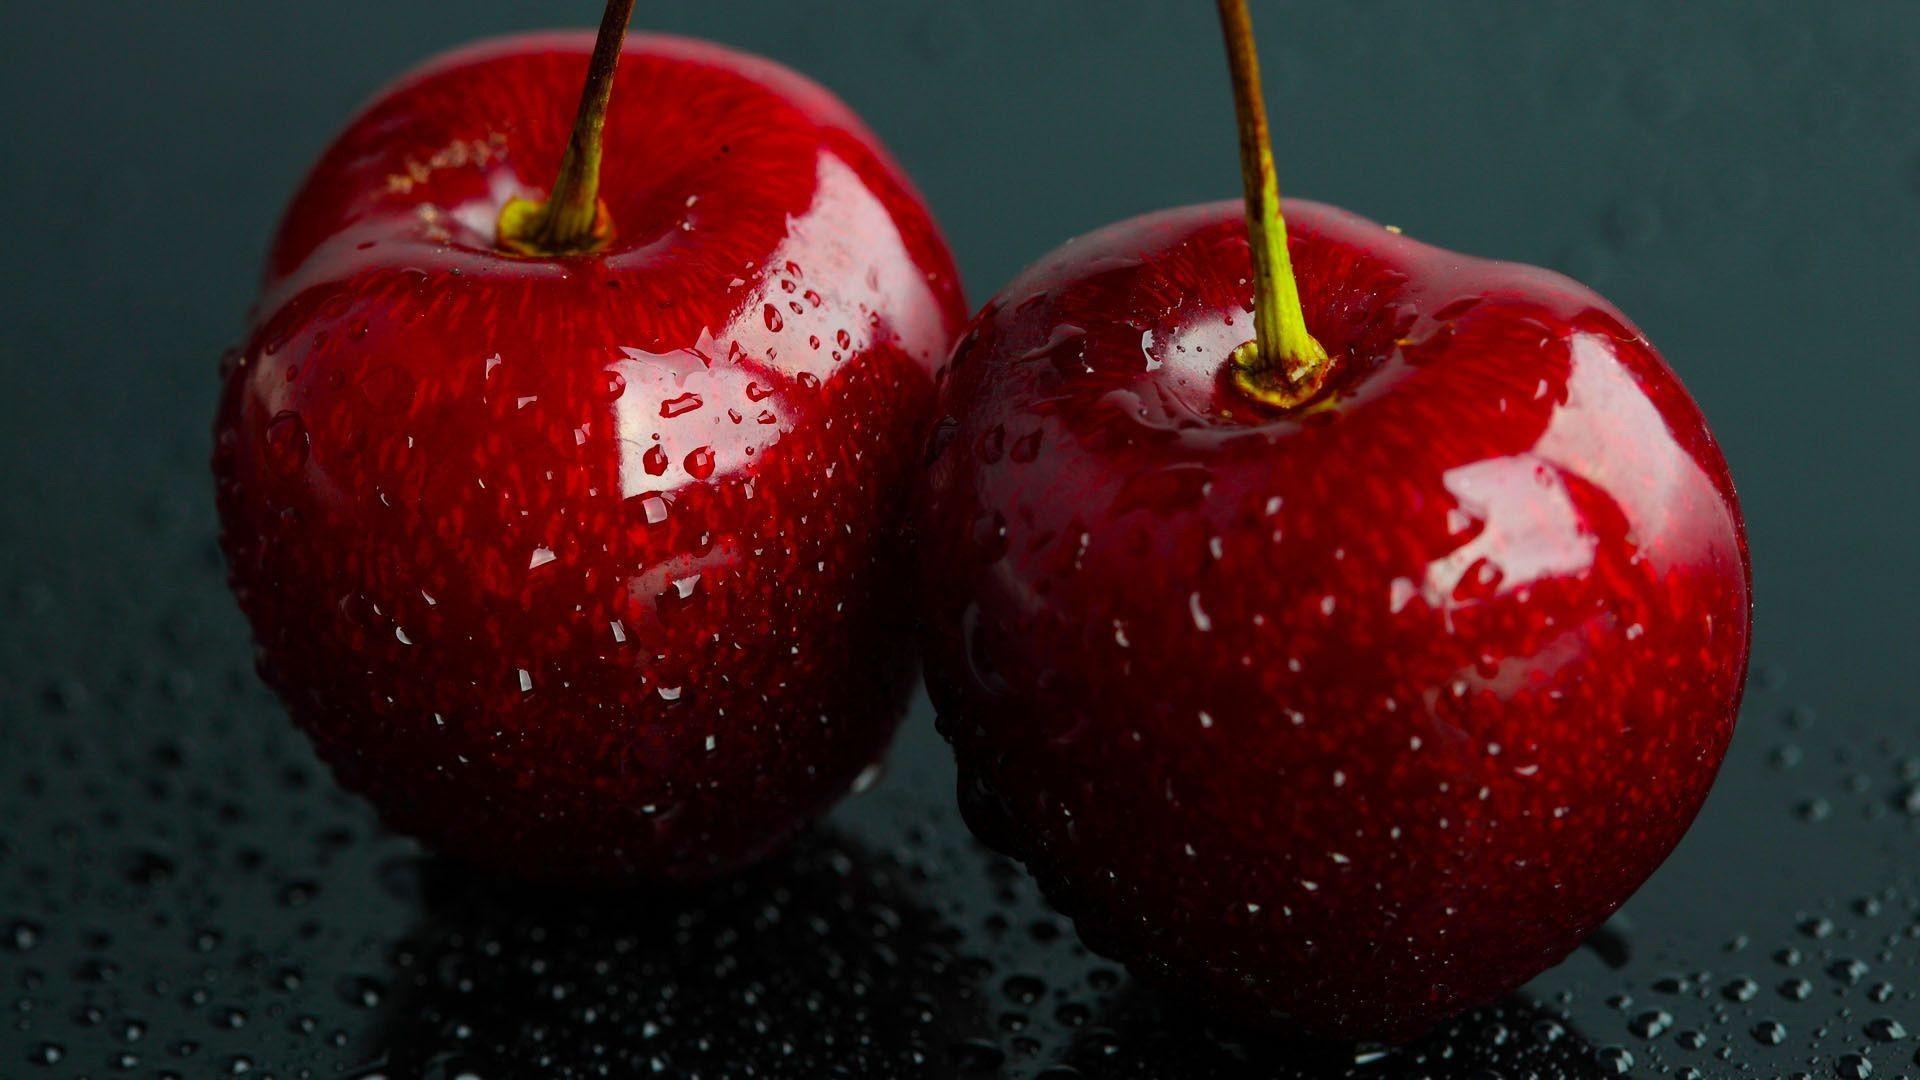 Обои фрукты ягоды на рабочий стол